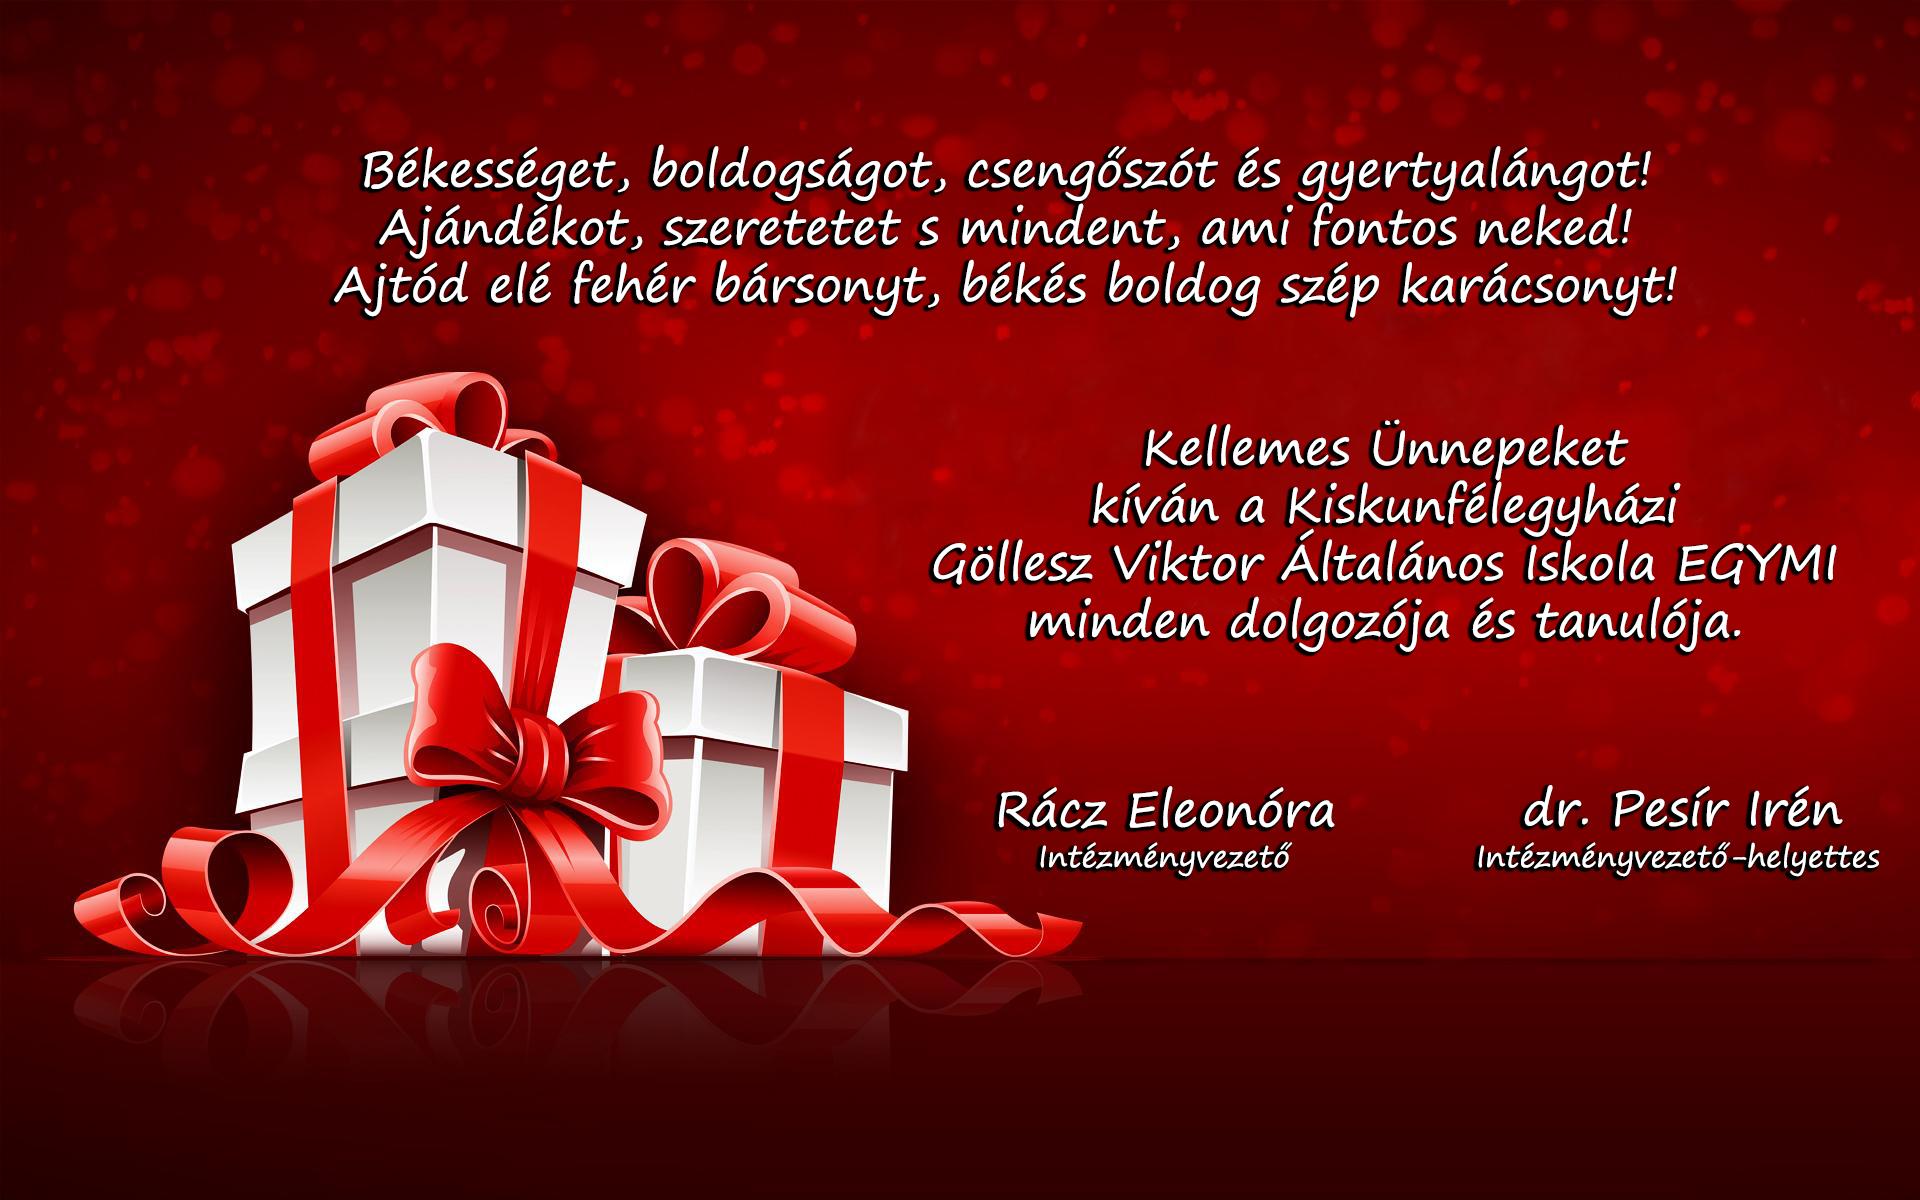 EGYMI karácsonyi üdvözlőlap